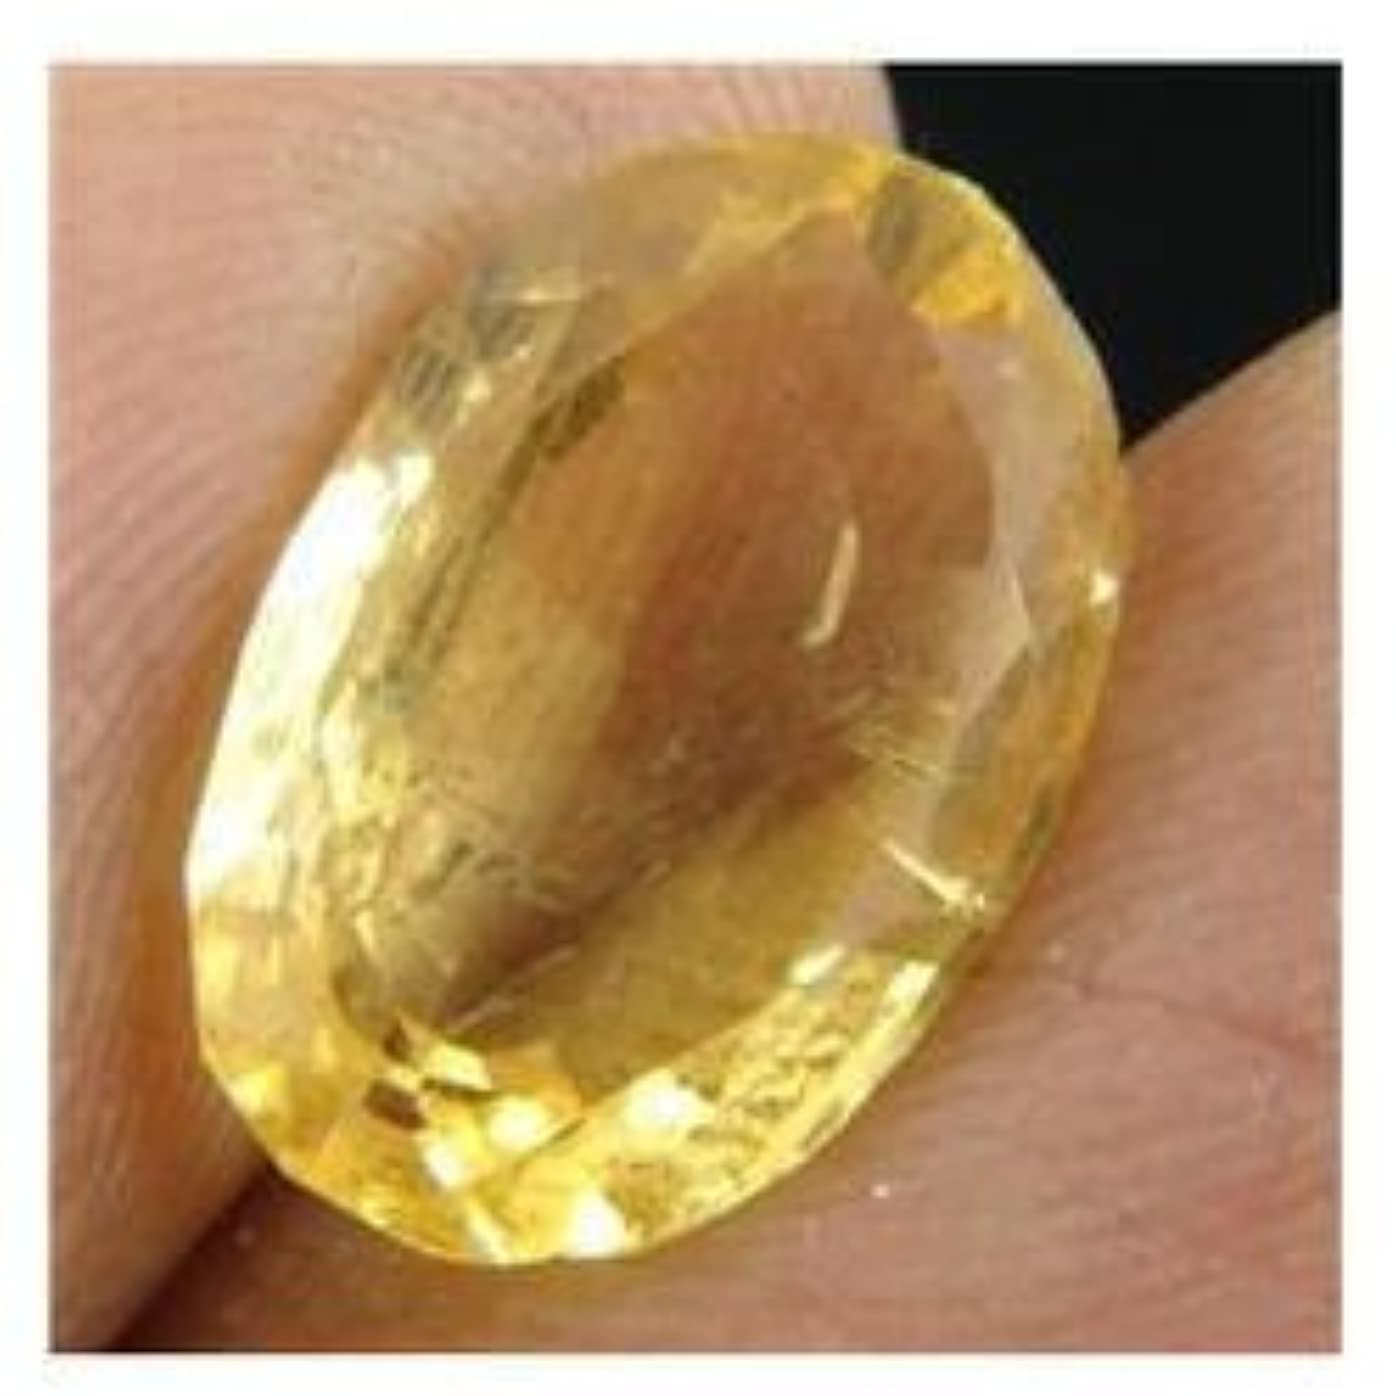 フラップ症候群電極sunela石元認定天然シトリン原石13.1カラットby gemselect